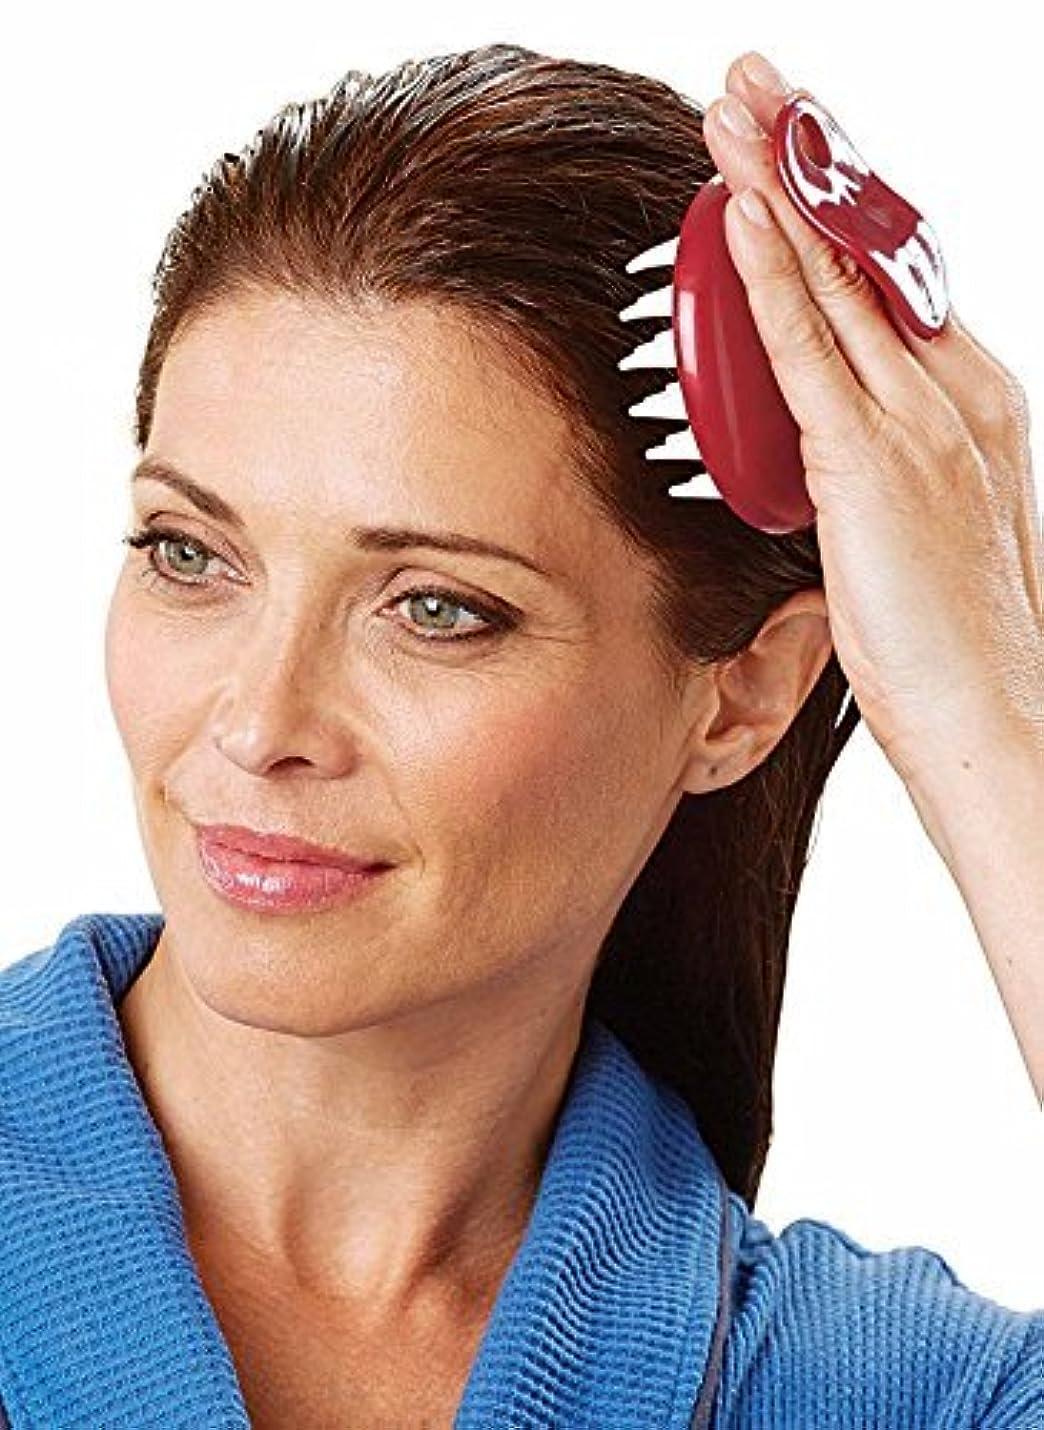 夢宿書士Set of 2 Shampoo and Scalp Hair Washing Comb Massager Brush [並行輸入品]